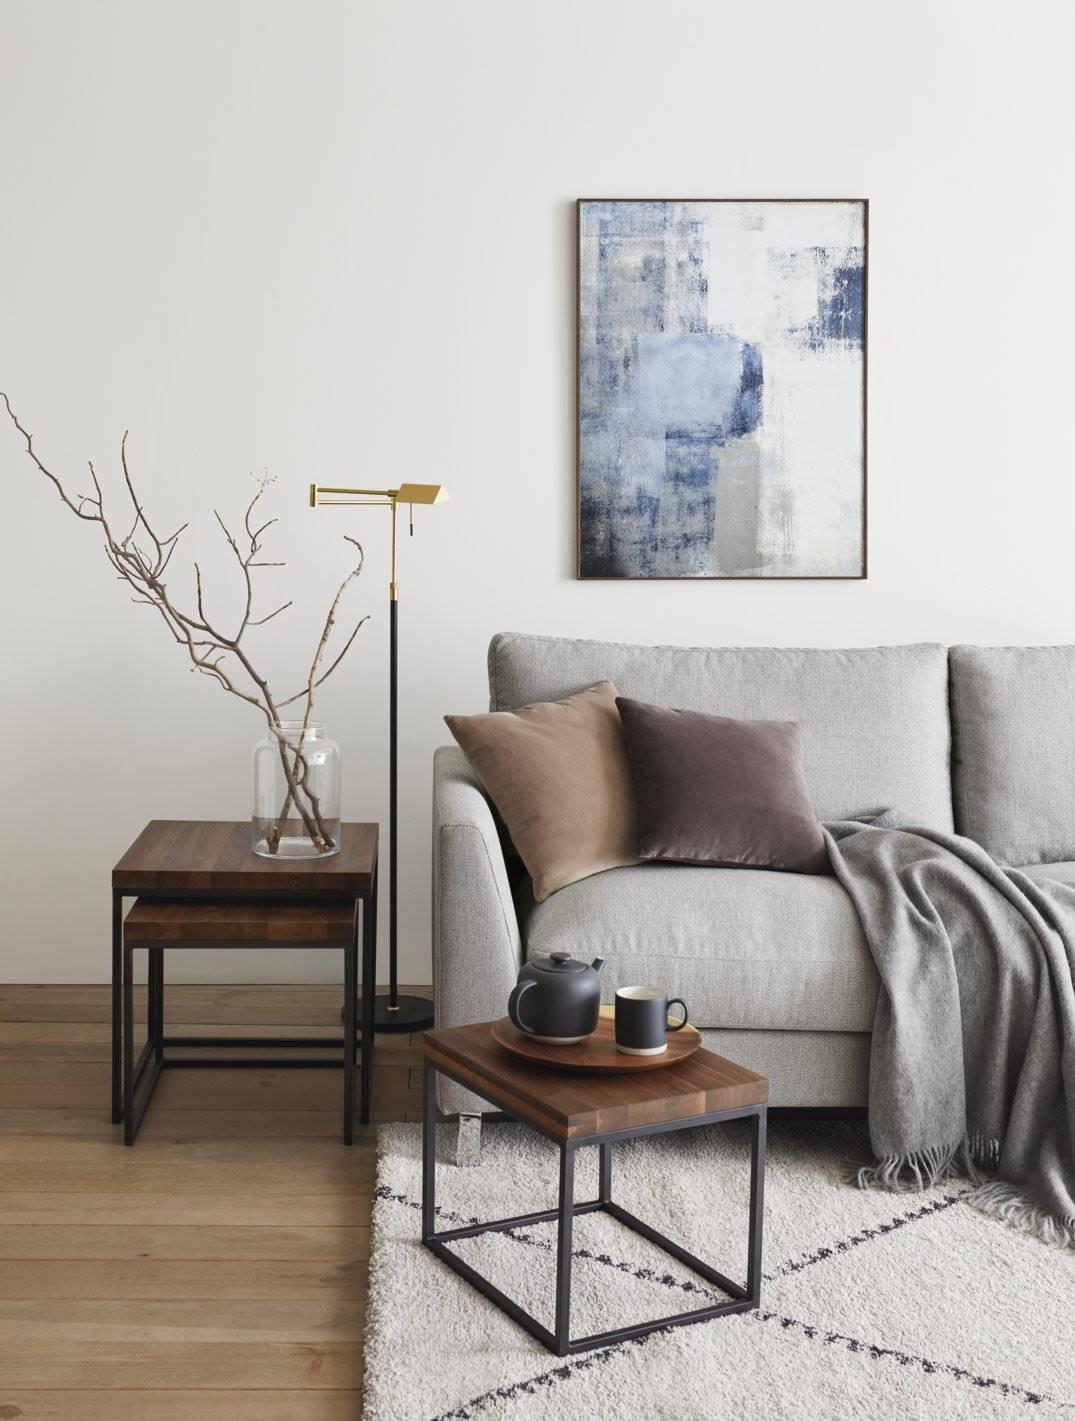 Categoría sextante Sostener  El Corte Inglés presenta tus tendencias de hogar para otoño-invierno